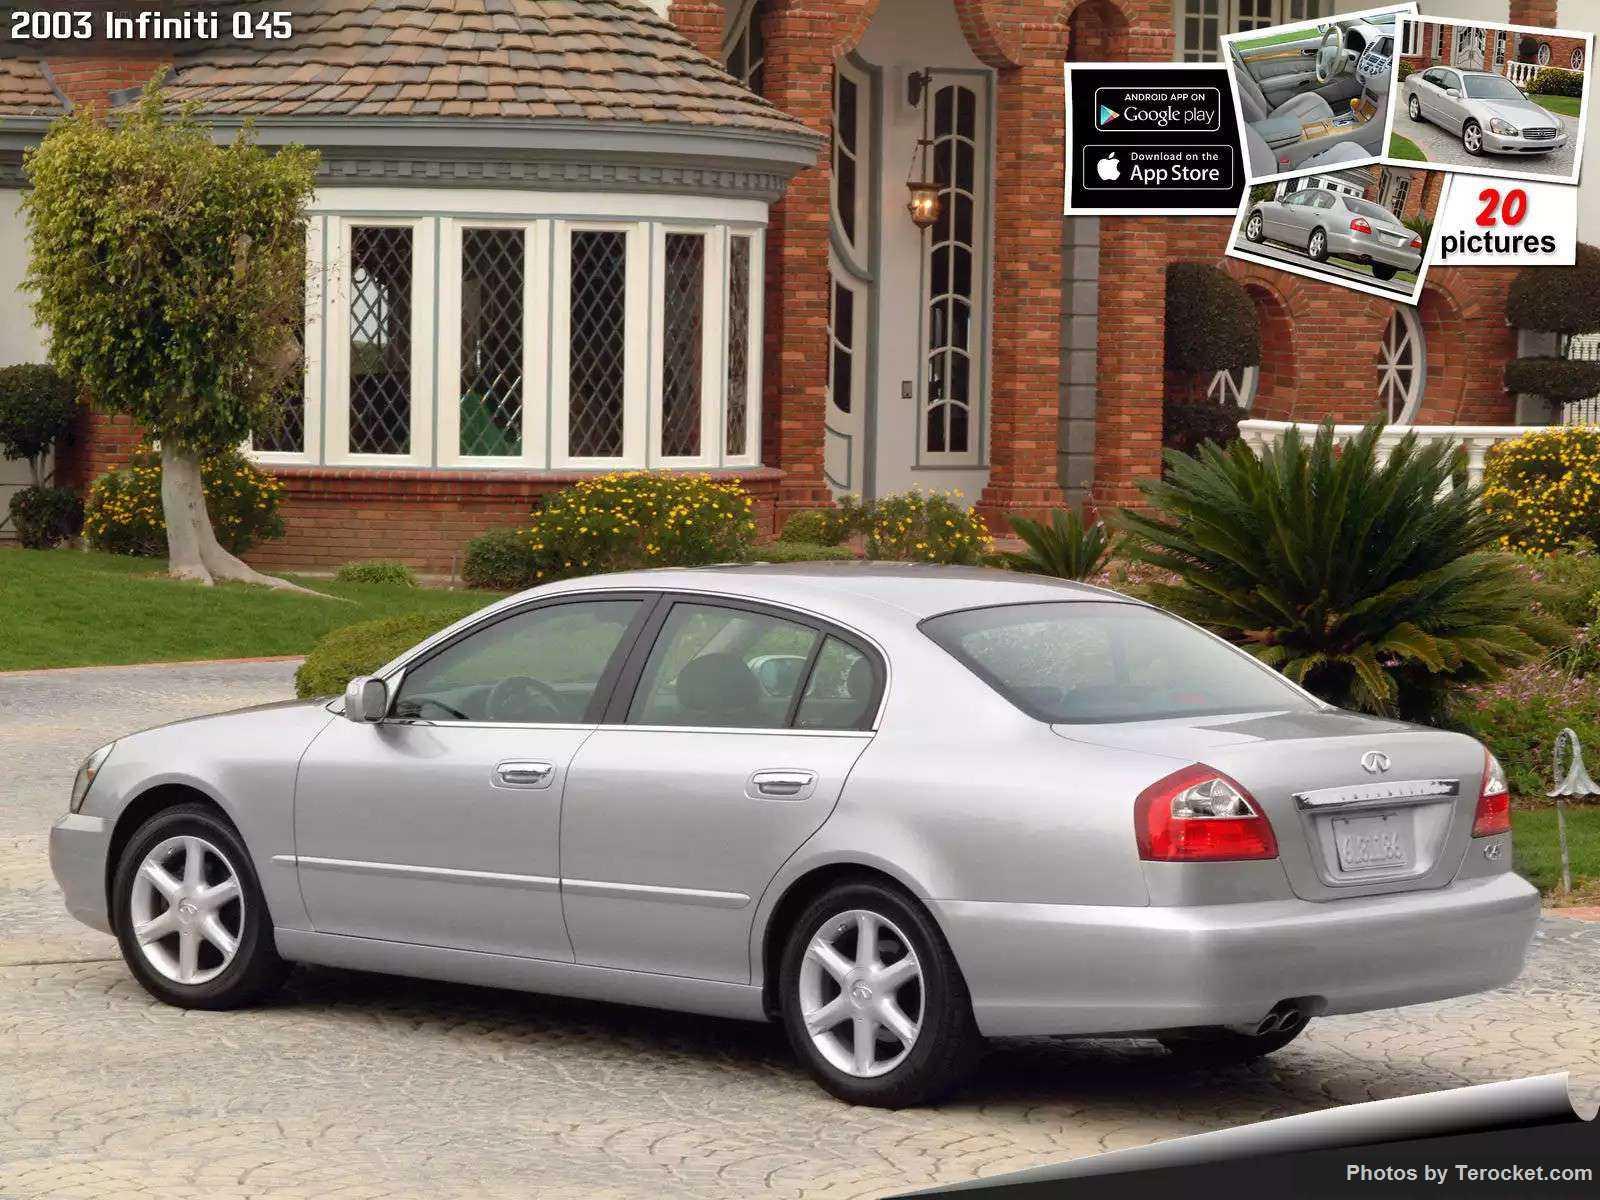 Hình ảnh xe ô tô Infiniti Q45 2003 & nội ngoại thất